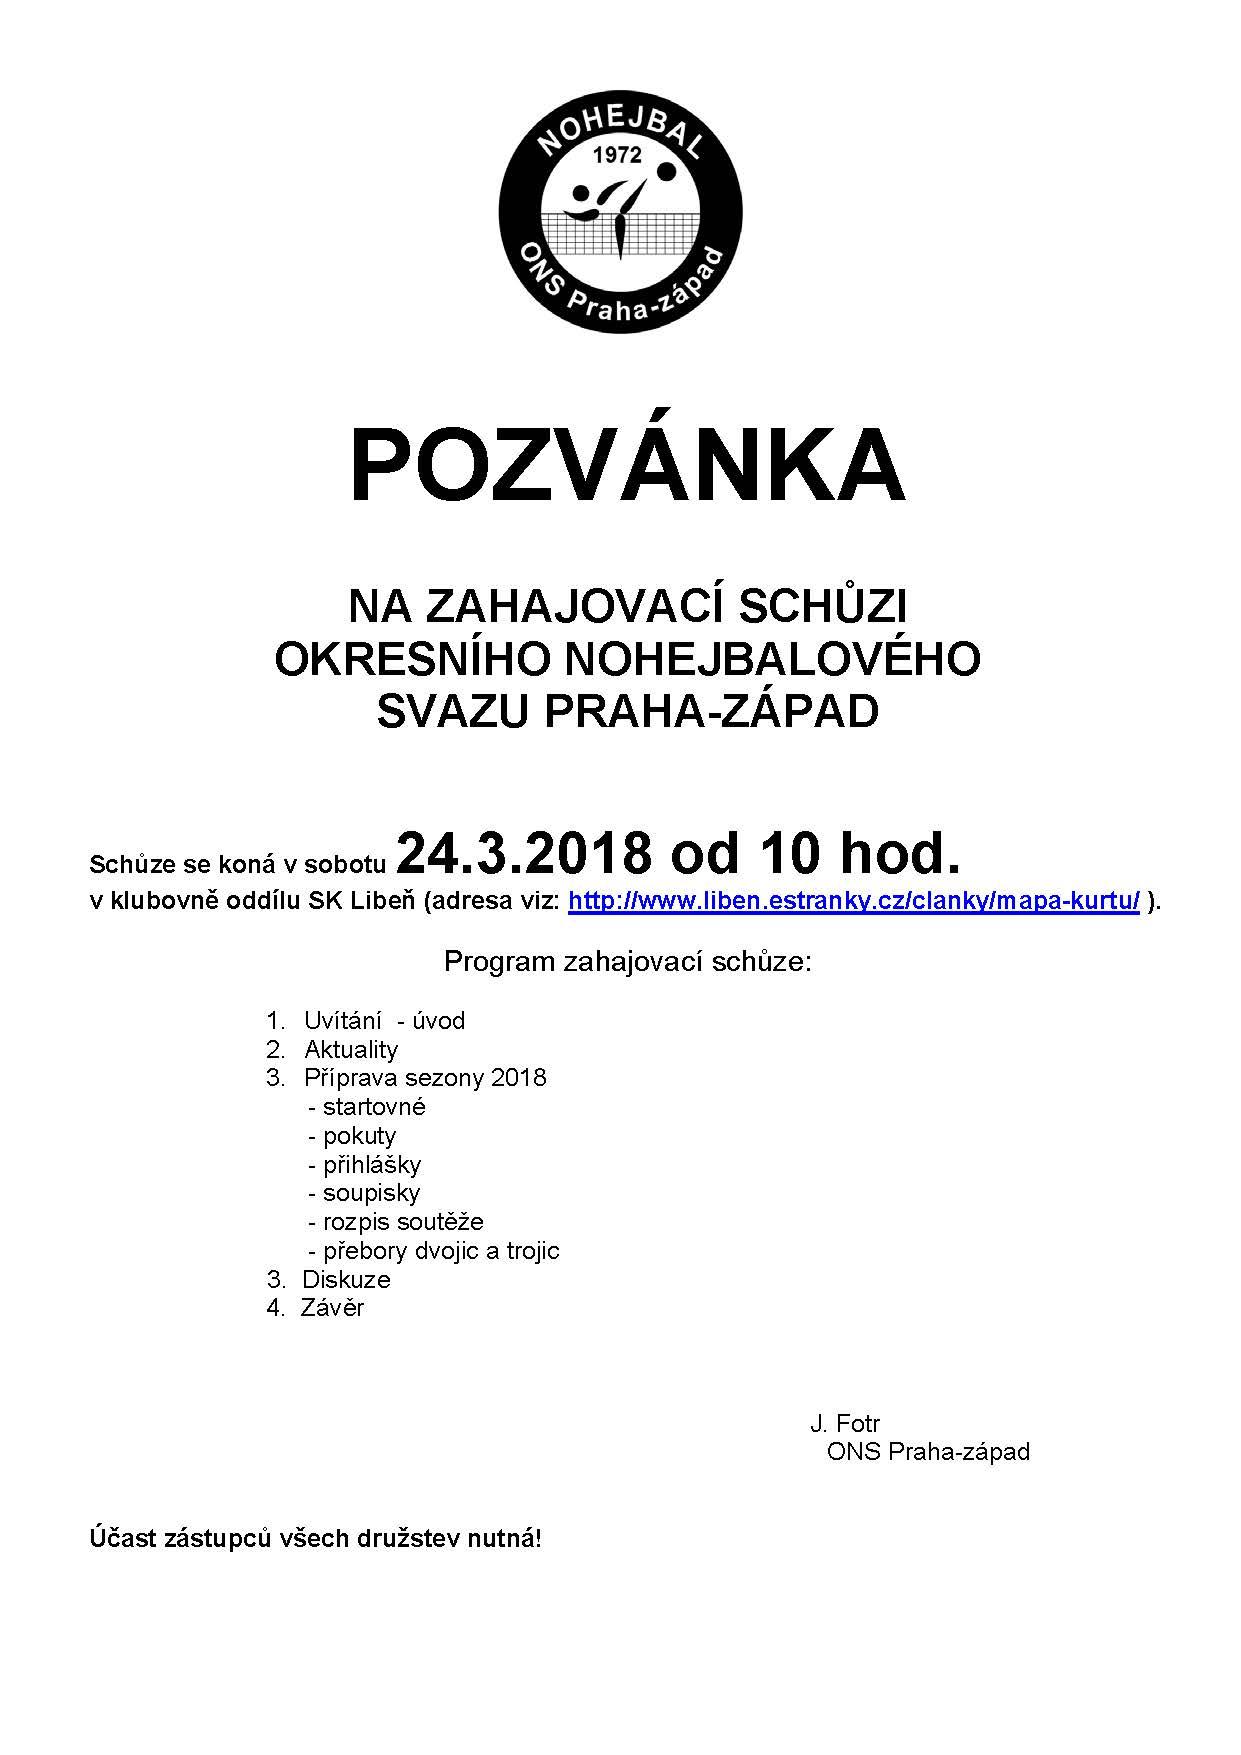 pozvanka-zah.-schuze-2018.jpg